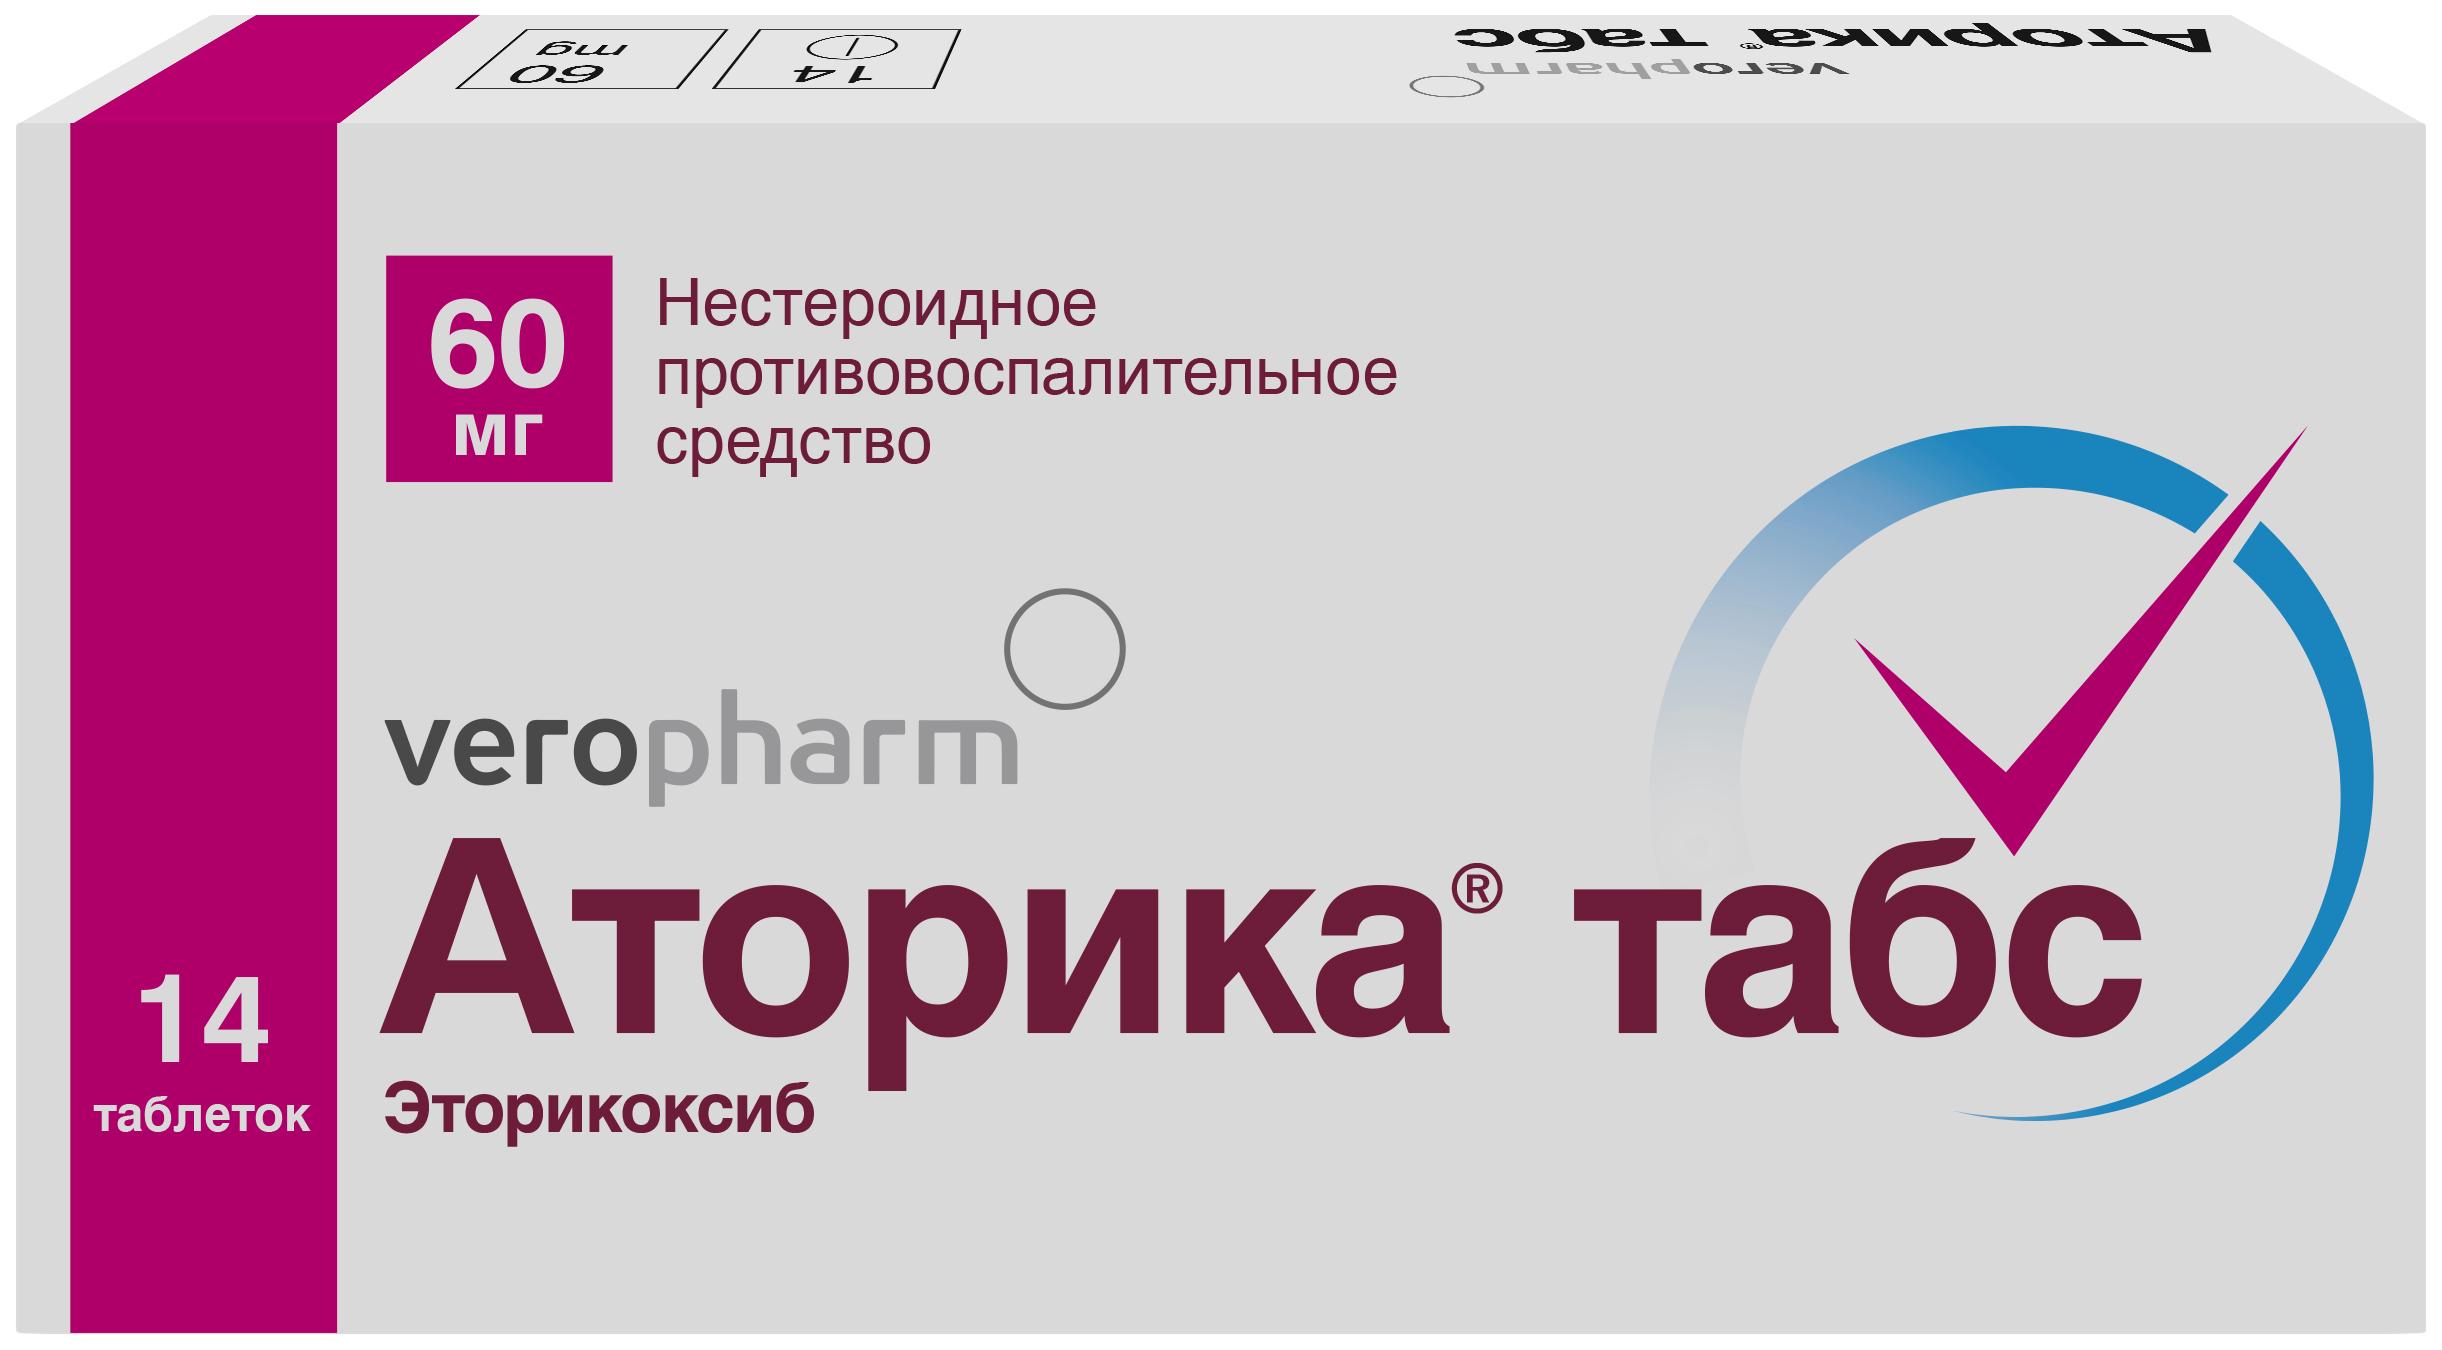 Аторика табс 60 мг таблетки покрытые пленочной